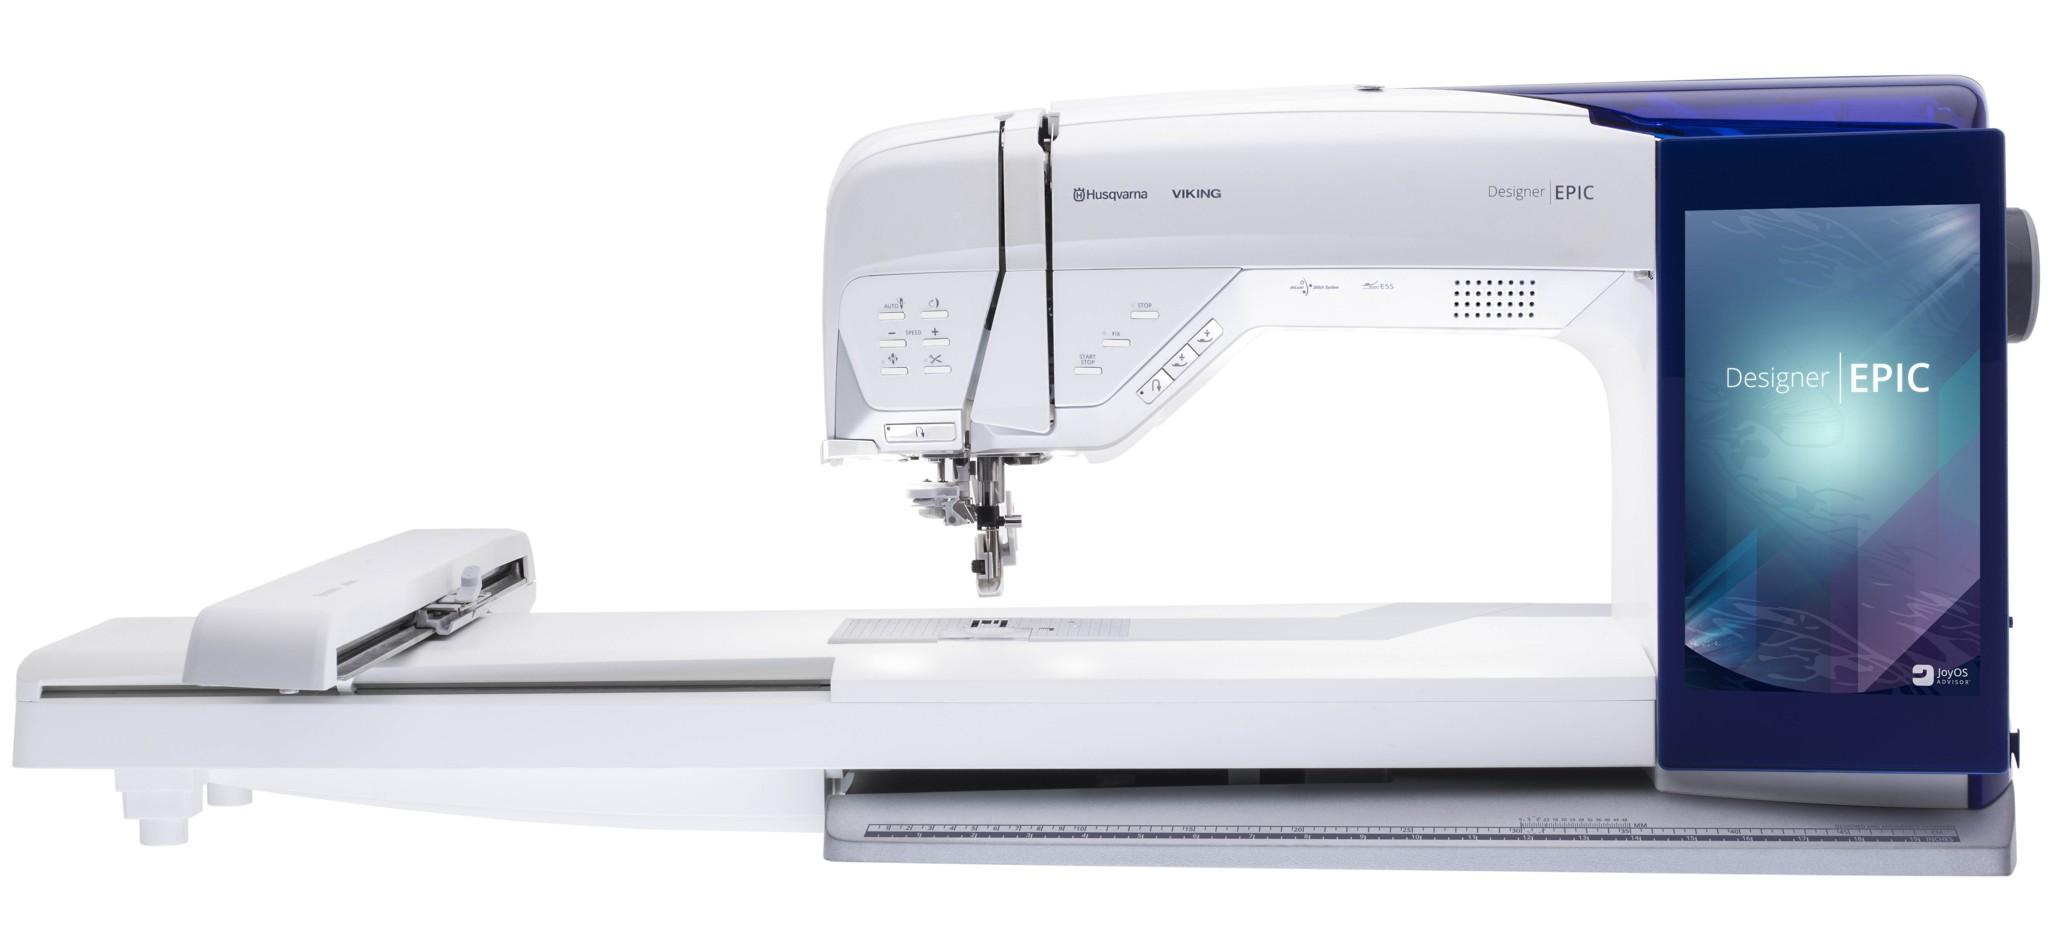 Husqvarna DESIGNER EPICHusqvarna<br>Husqvarna Designer Epic - это самая современная швейно-вышивальная машина в мире! Ее безграничными возможностями крайне легко управлять с помощью огромного дисплея, который больше напоминает планшет размером 10 дюймов и разрешением 1280х800. Все Ваши швей...<br>